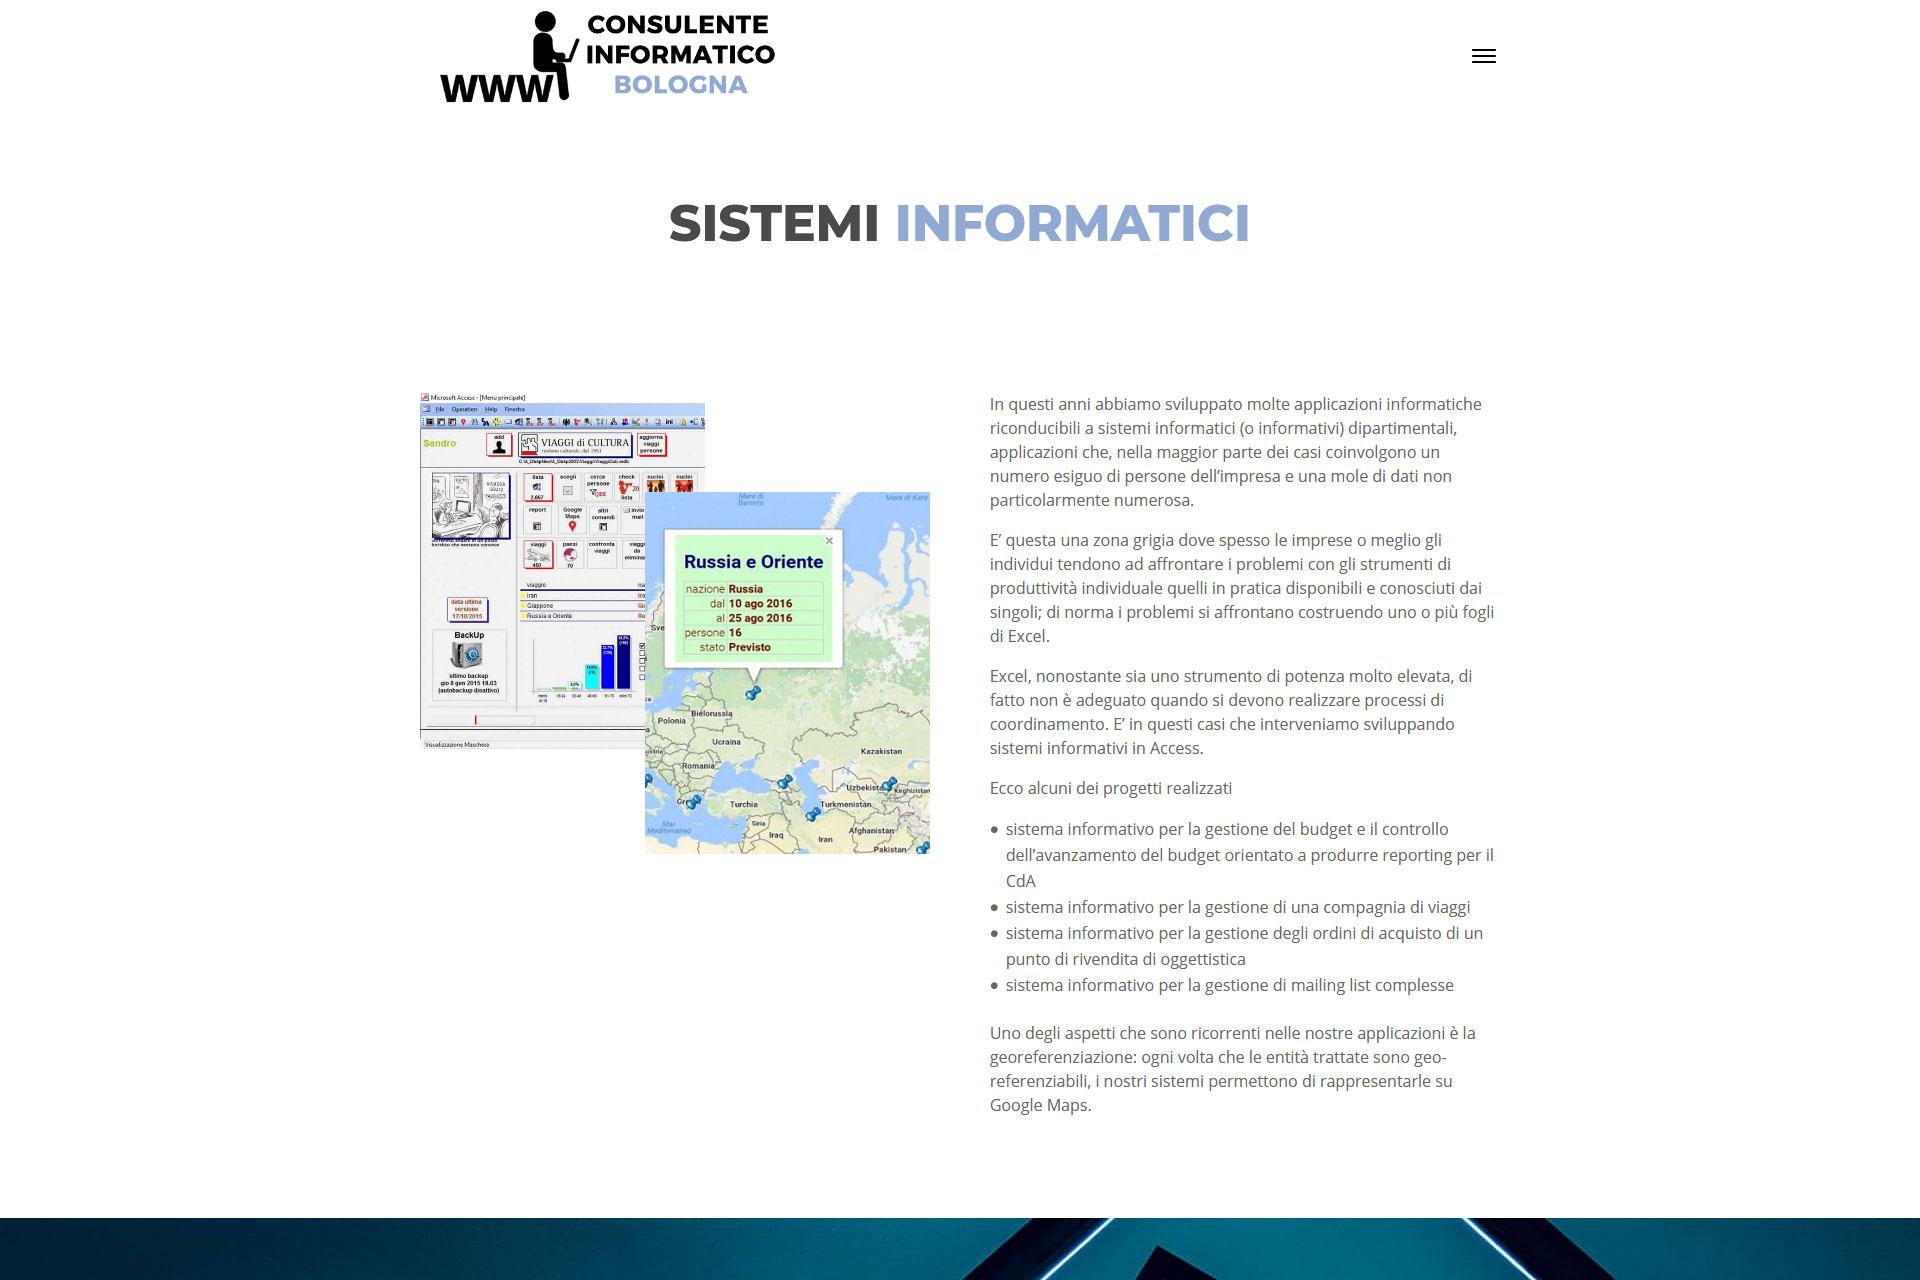 lv-design-realizzazione-siti-web-bologna-portfolio-consulente-informatico-bologna-slide-2